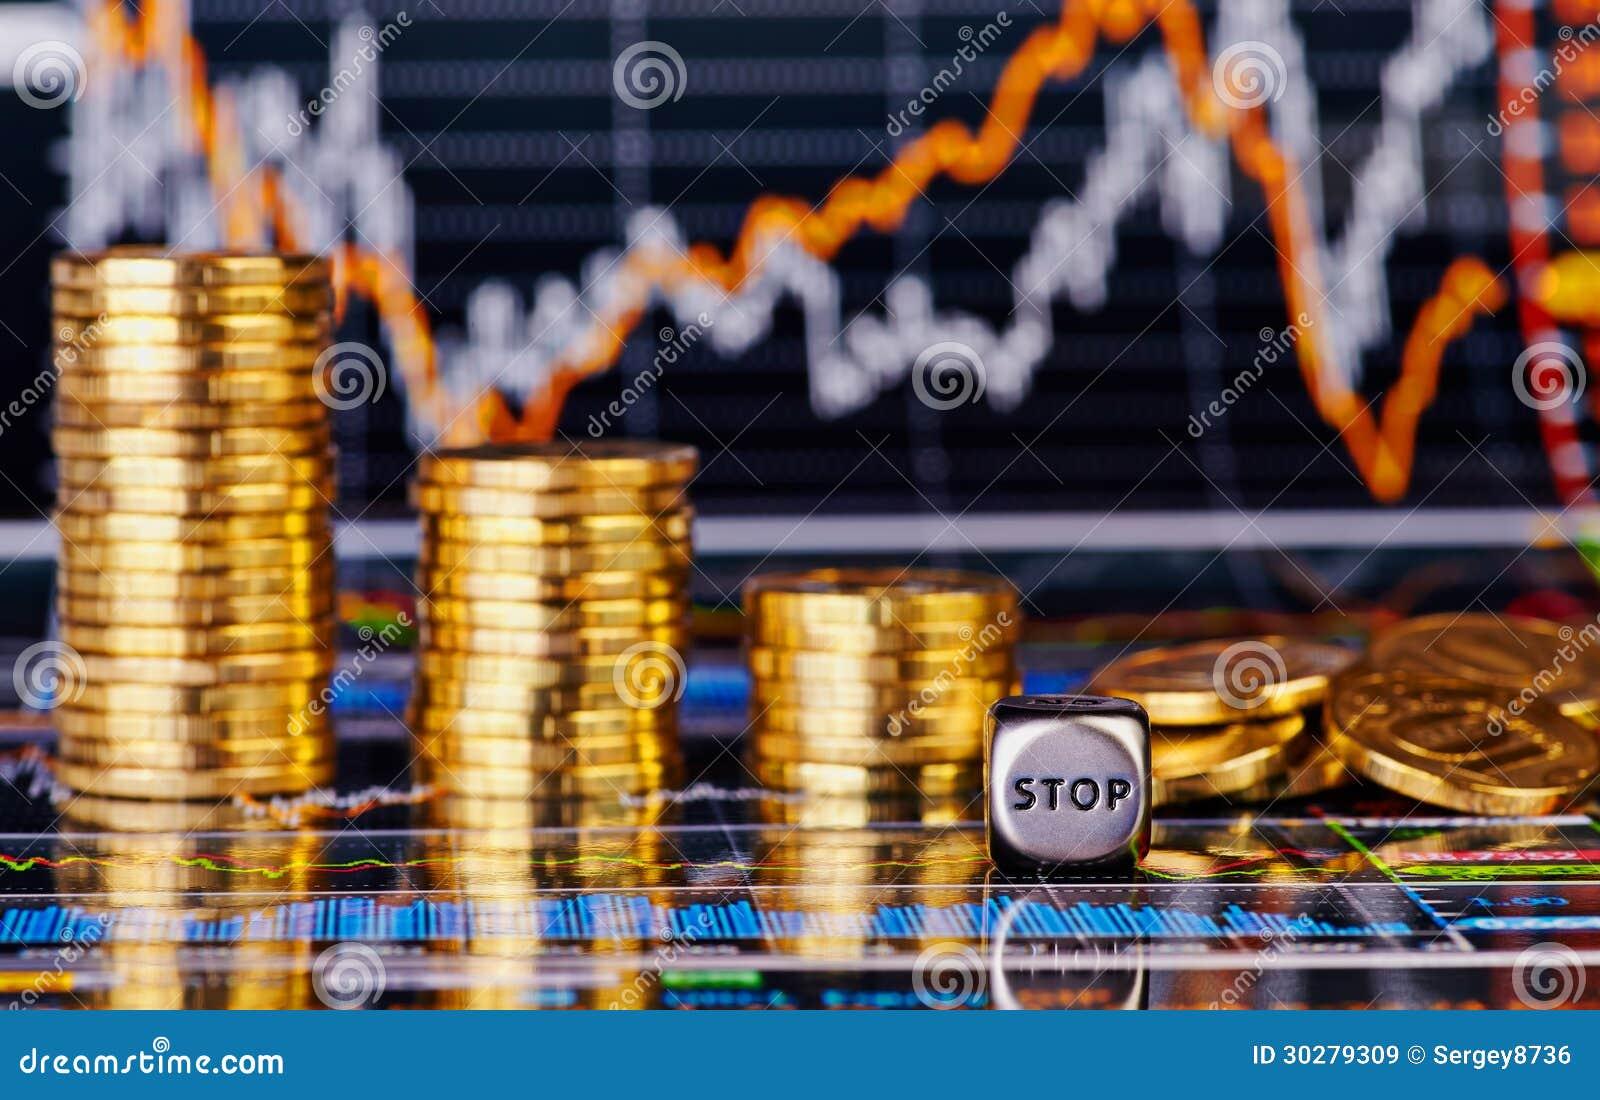 下降趋势金黄硬币堆,把与词中止的立方体切成小方块